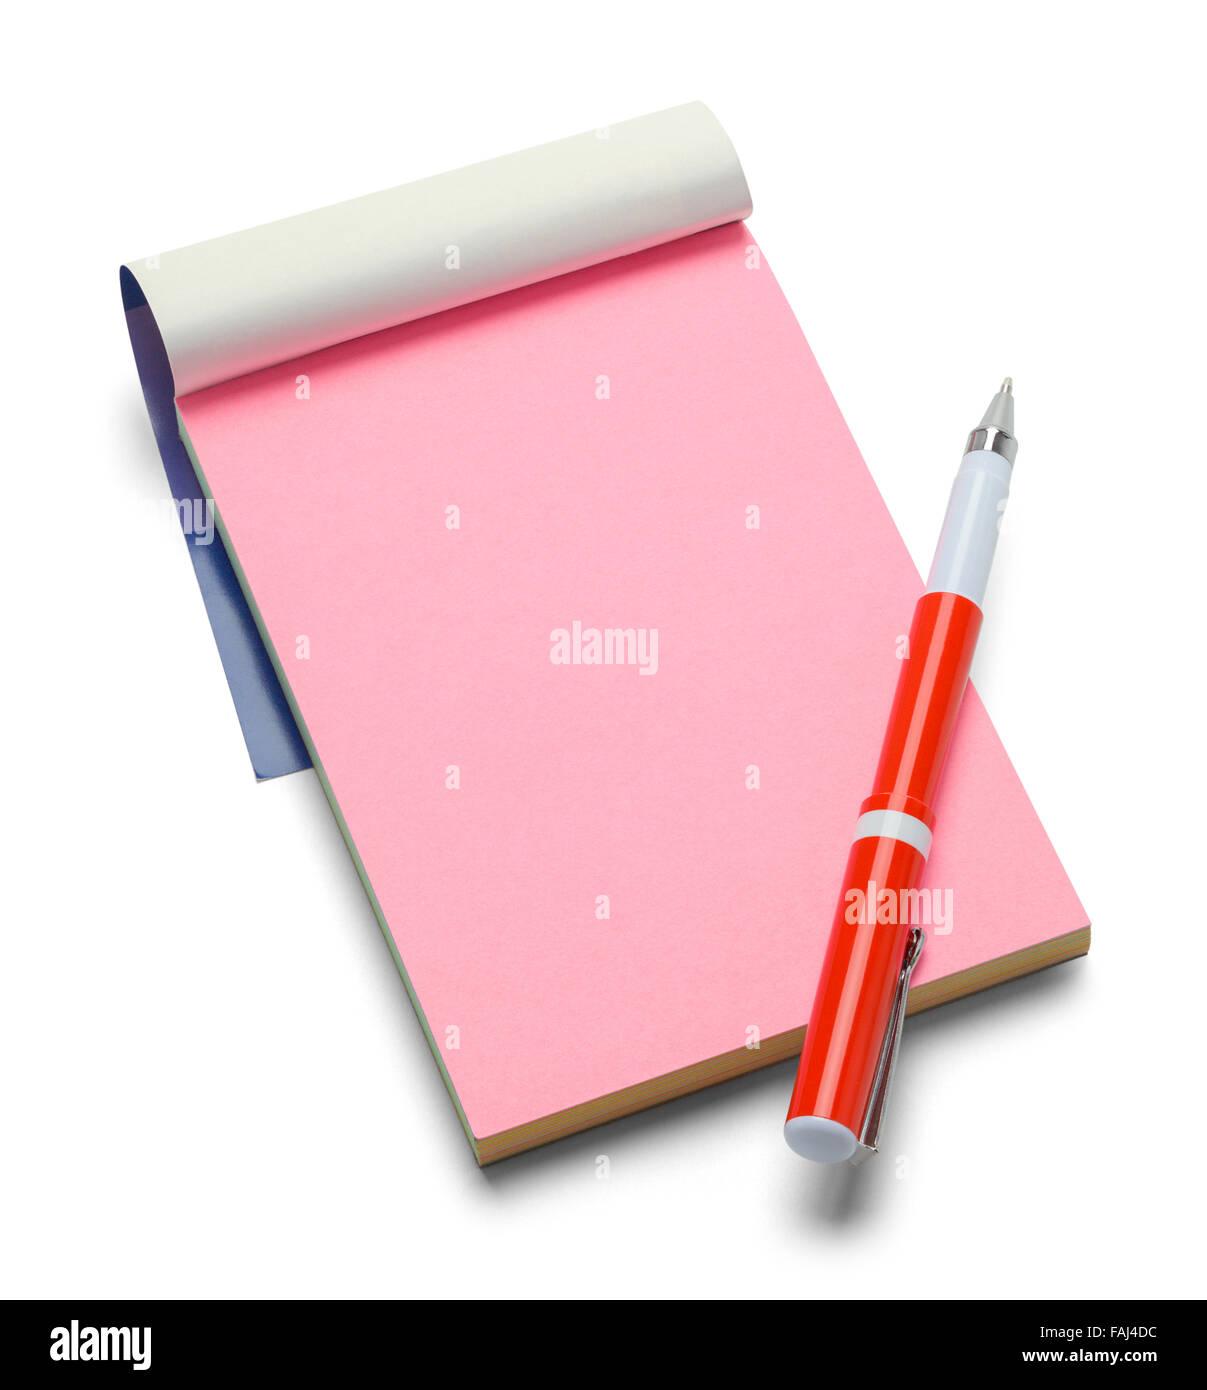 Petit Bloc-notes et stylo rose isolé sur un fond blanc. Photo Stock